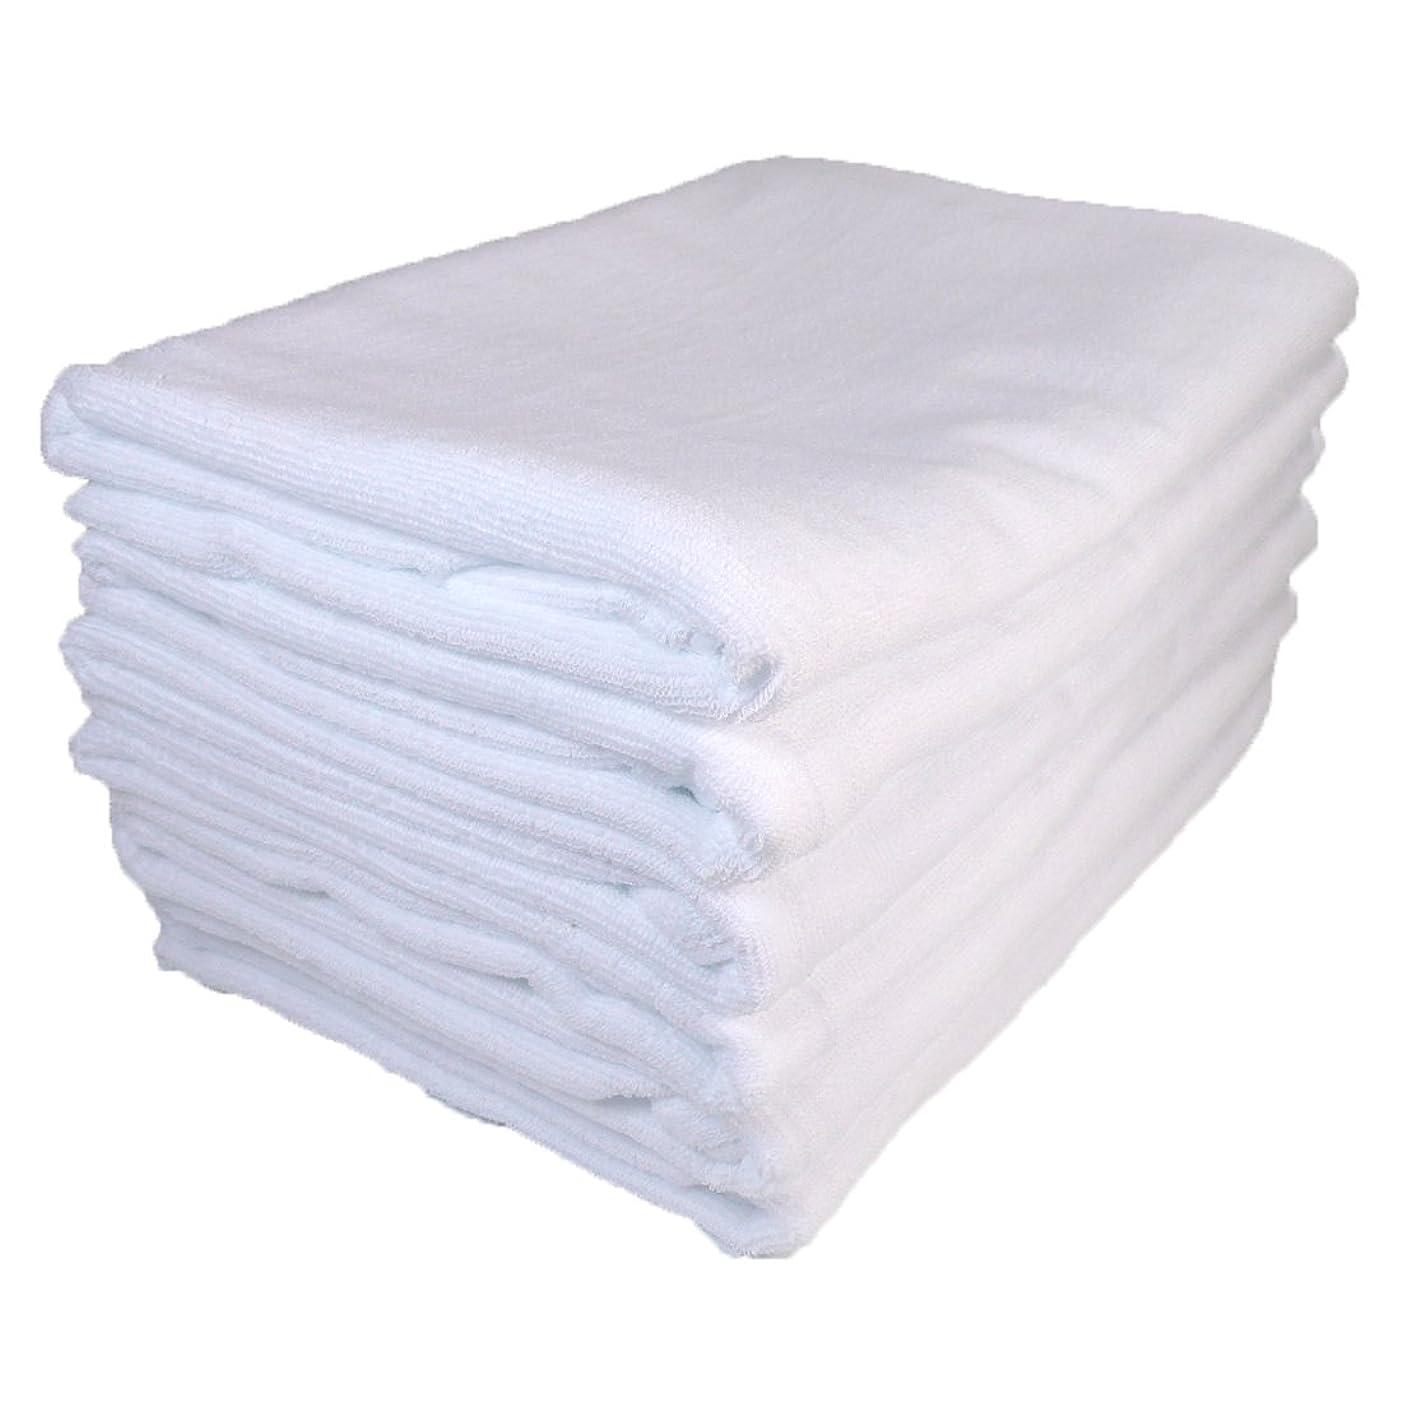 硬い呼吸曲線バスタオル 業務用 大判 1000匁 約70×140cm 綿100% レピア織 スレンカラー 耳かざりミシン(6枚販売) (ホワイト)